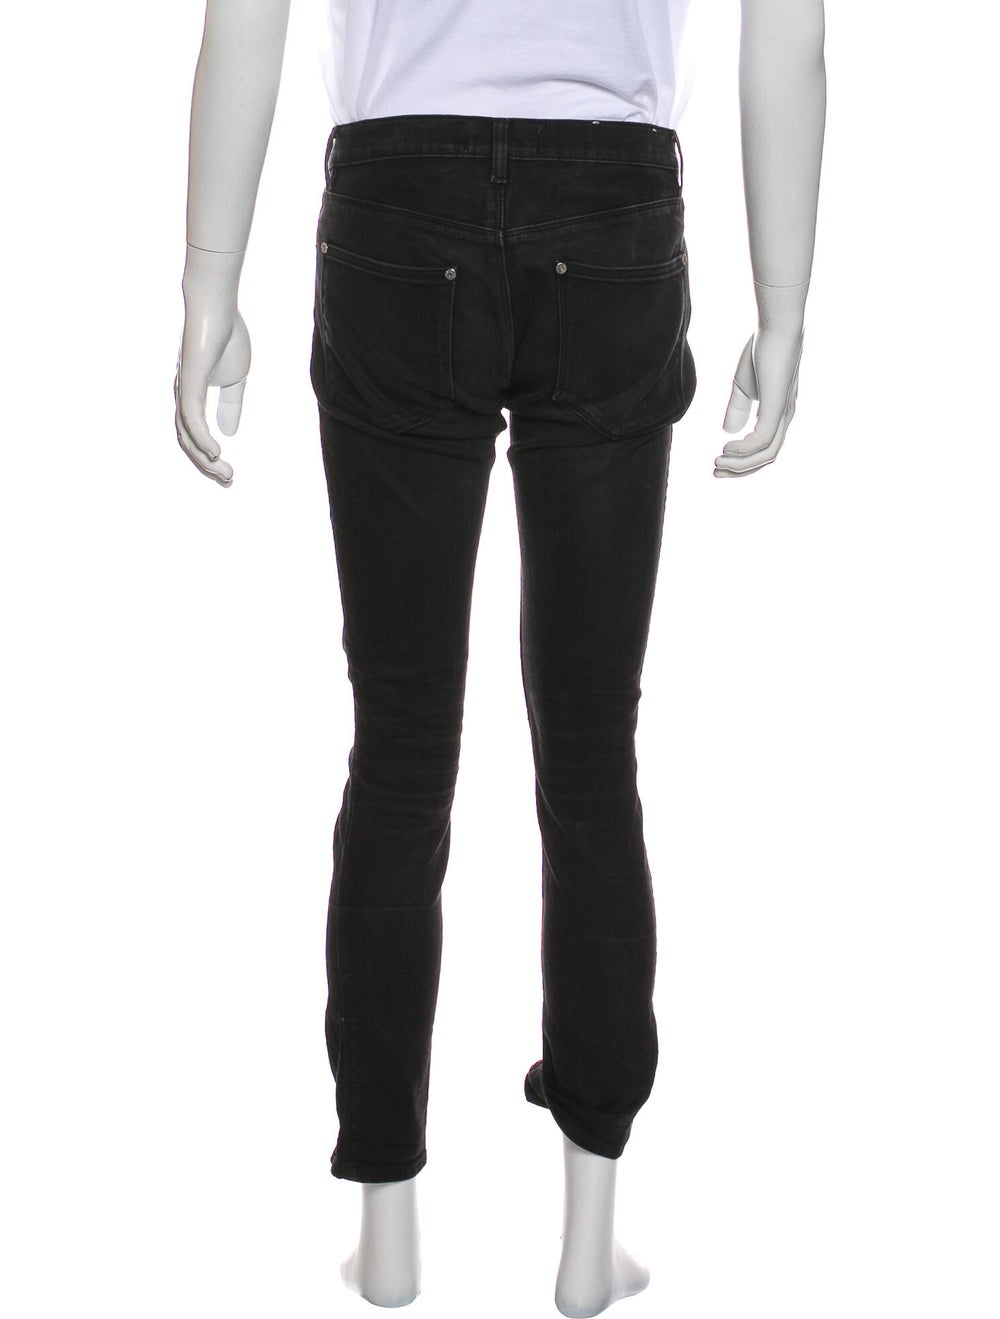 Acne Studios Max Skinny Jeans Black - image 3